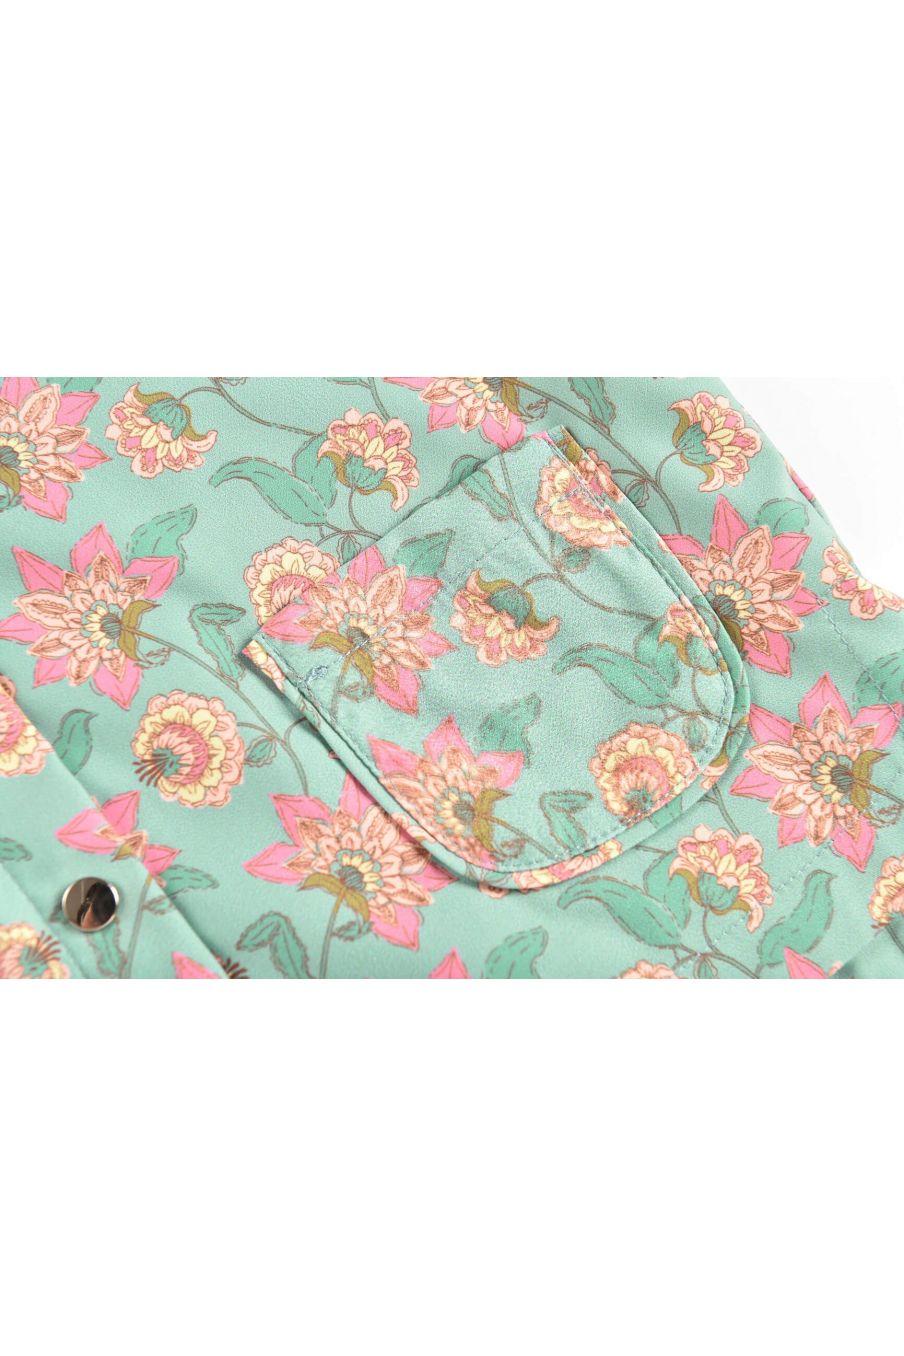 boheme chic vintage imperméable bébé fille manoukia turquoise flowers